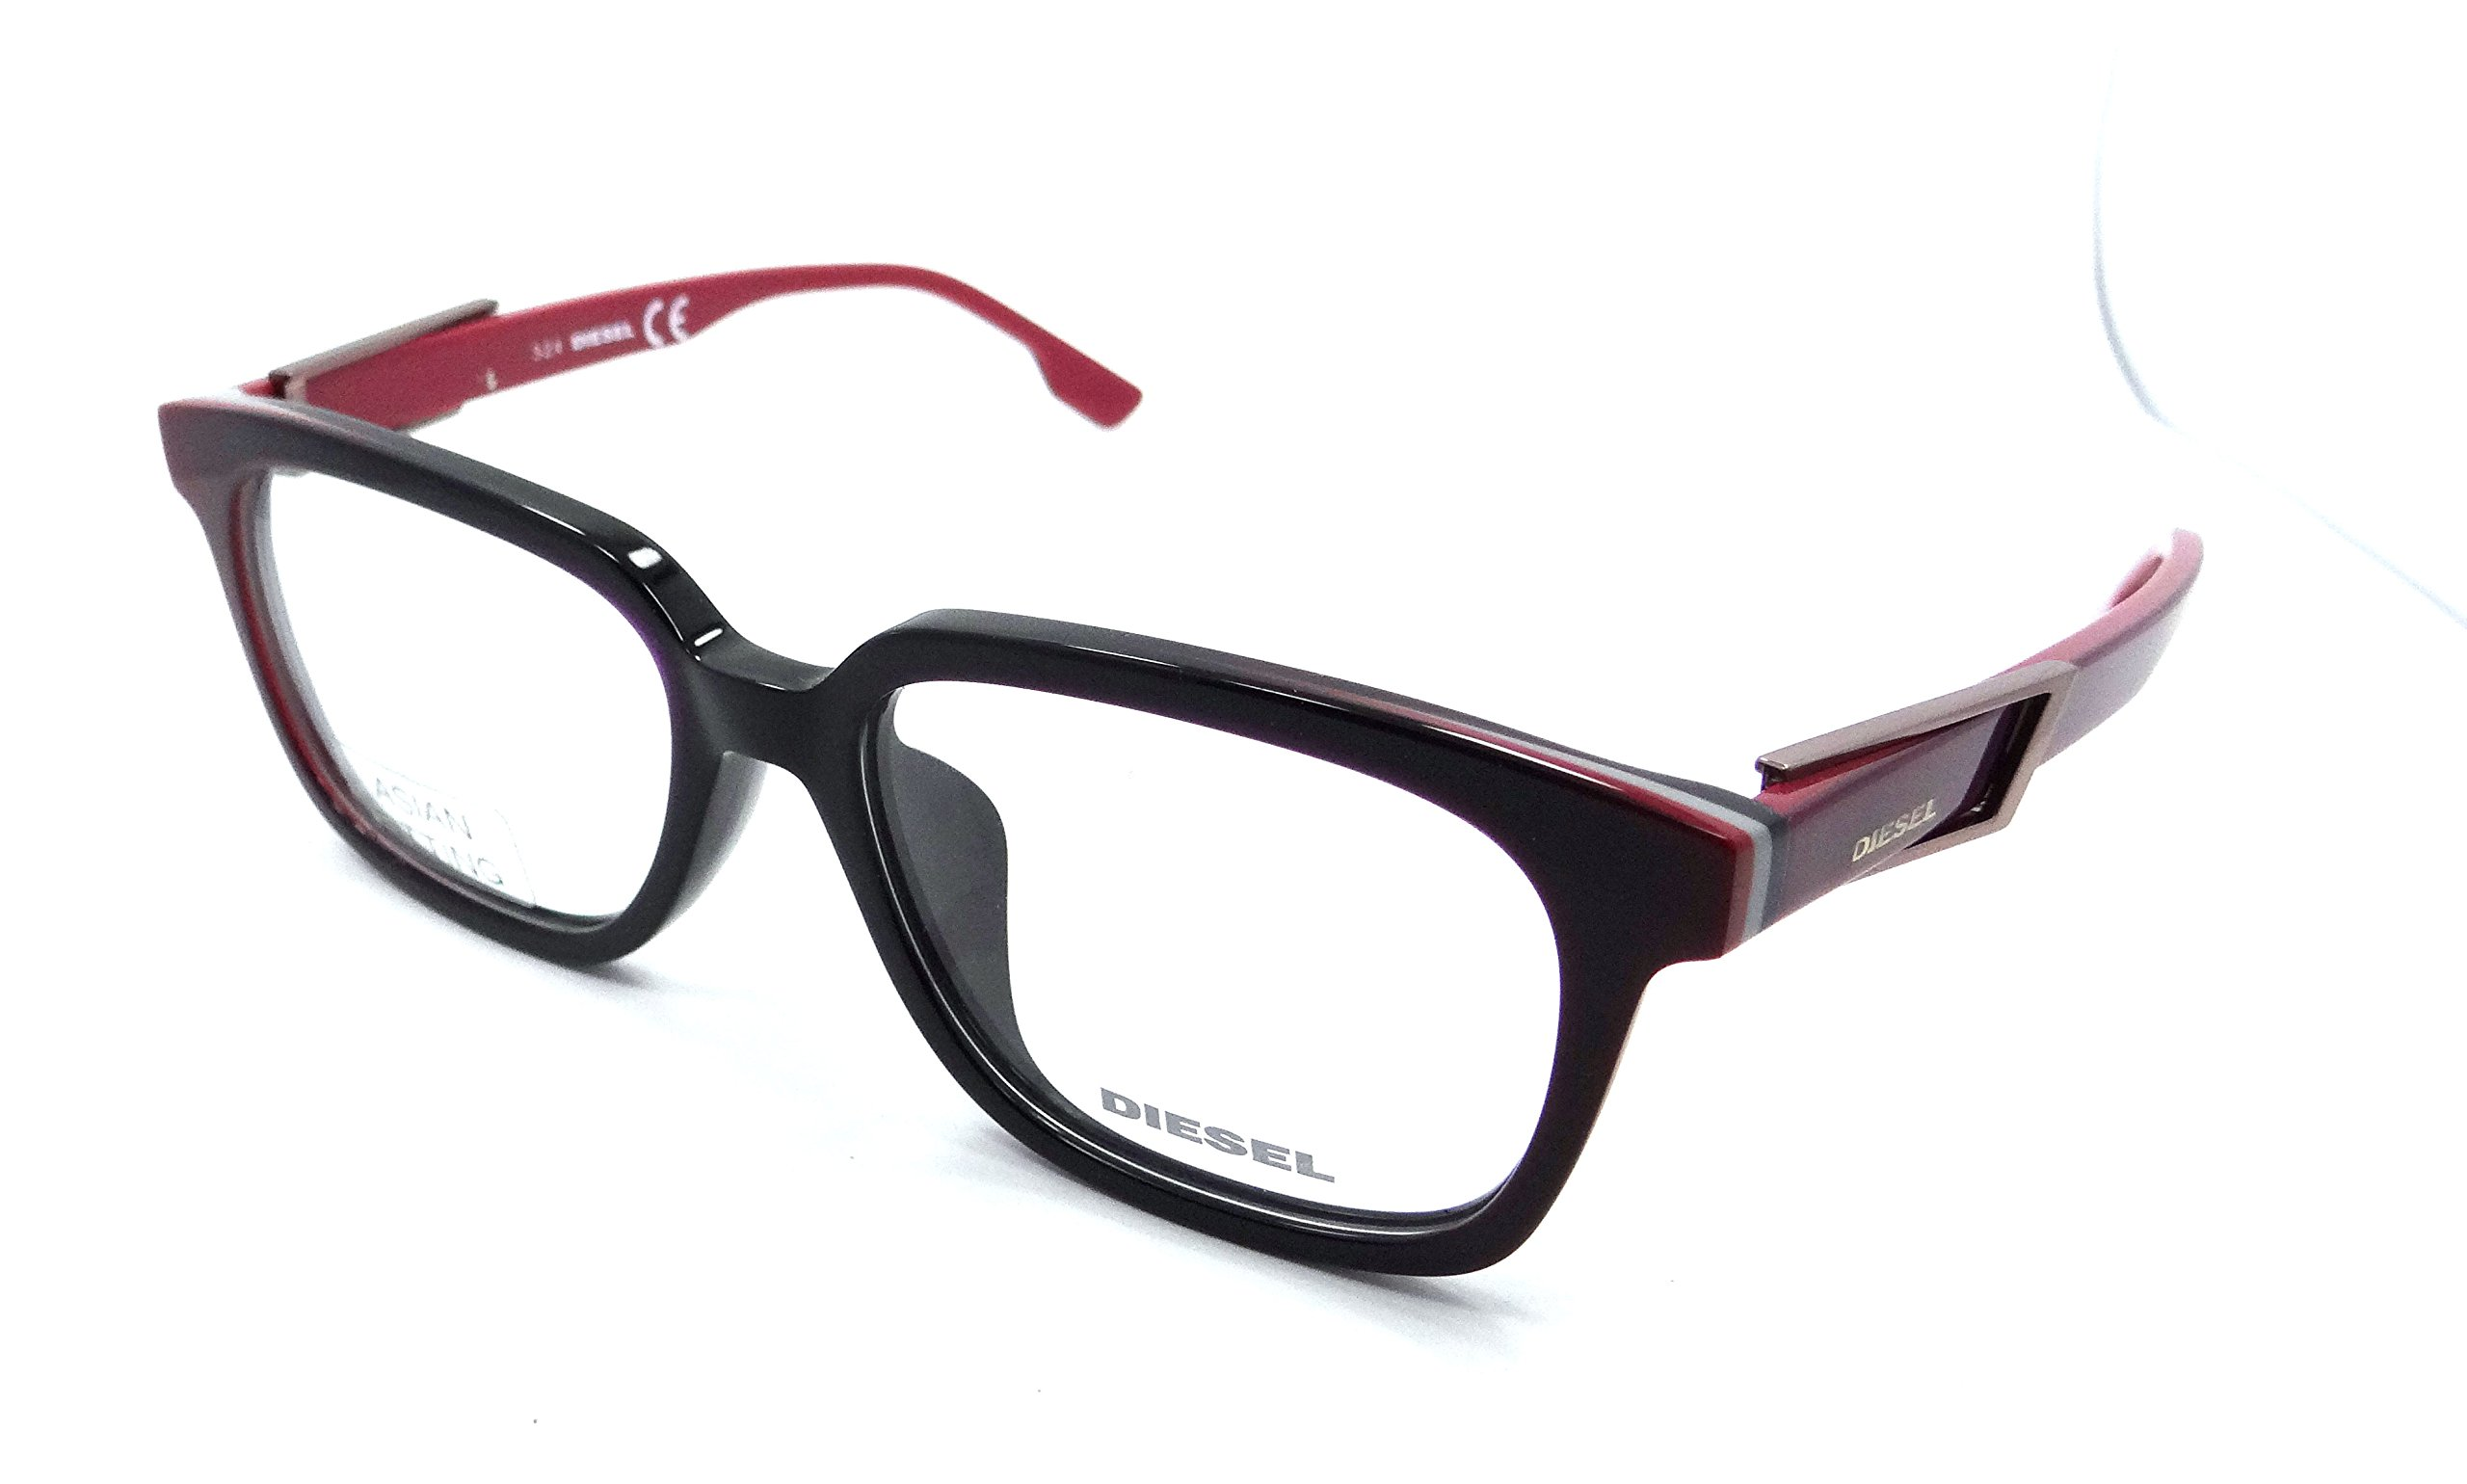 Diesel Rx Eyeglasses Frames DL5111-F 077 55-17-150 Black / Burgundy Asian Fit